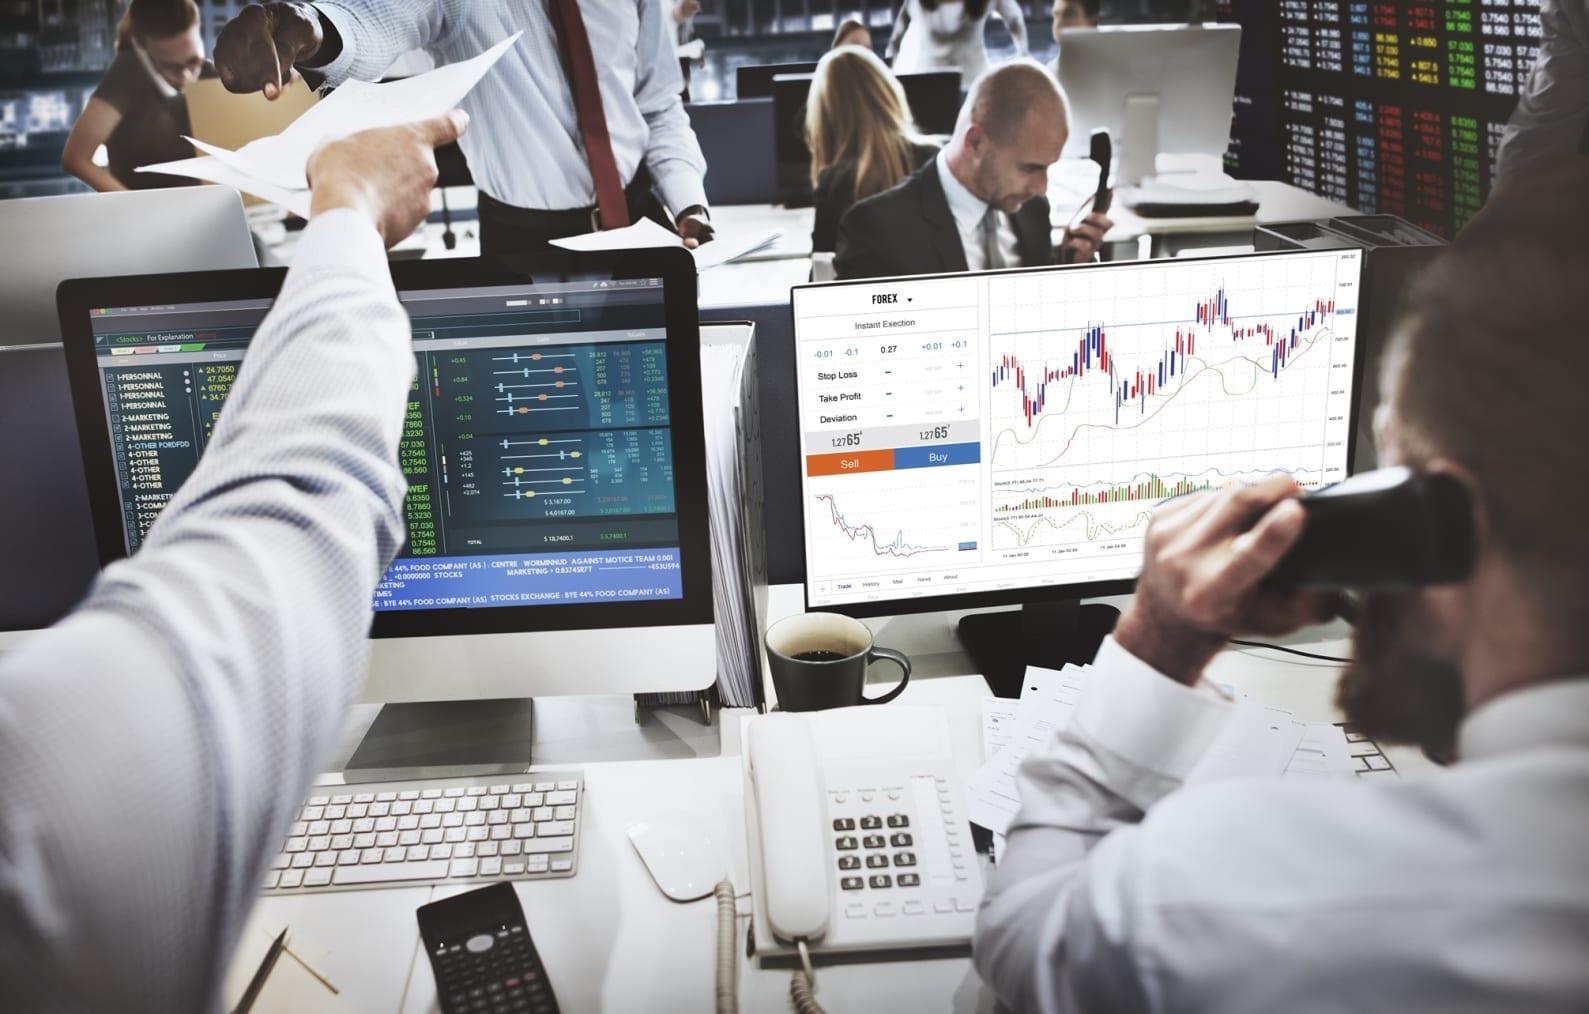 Top 10 ecn forex brokers